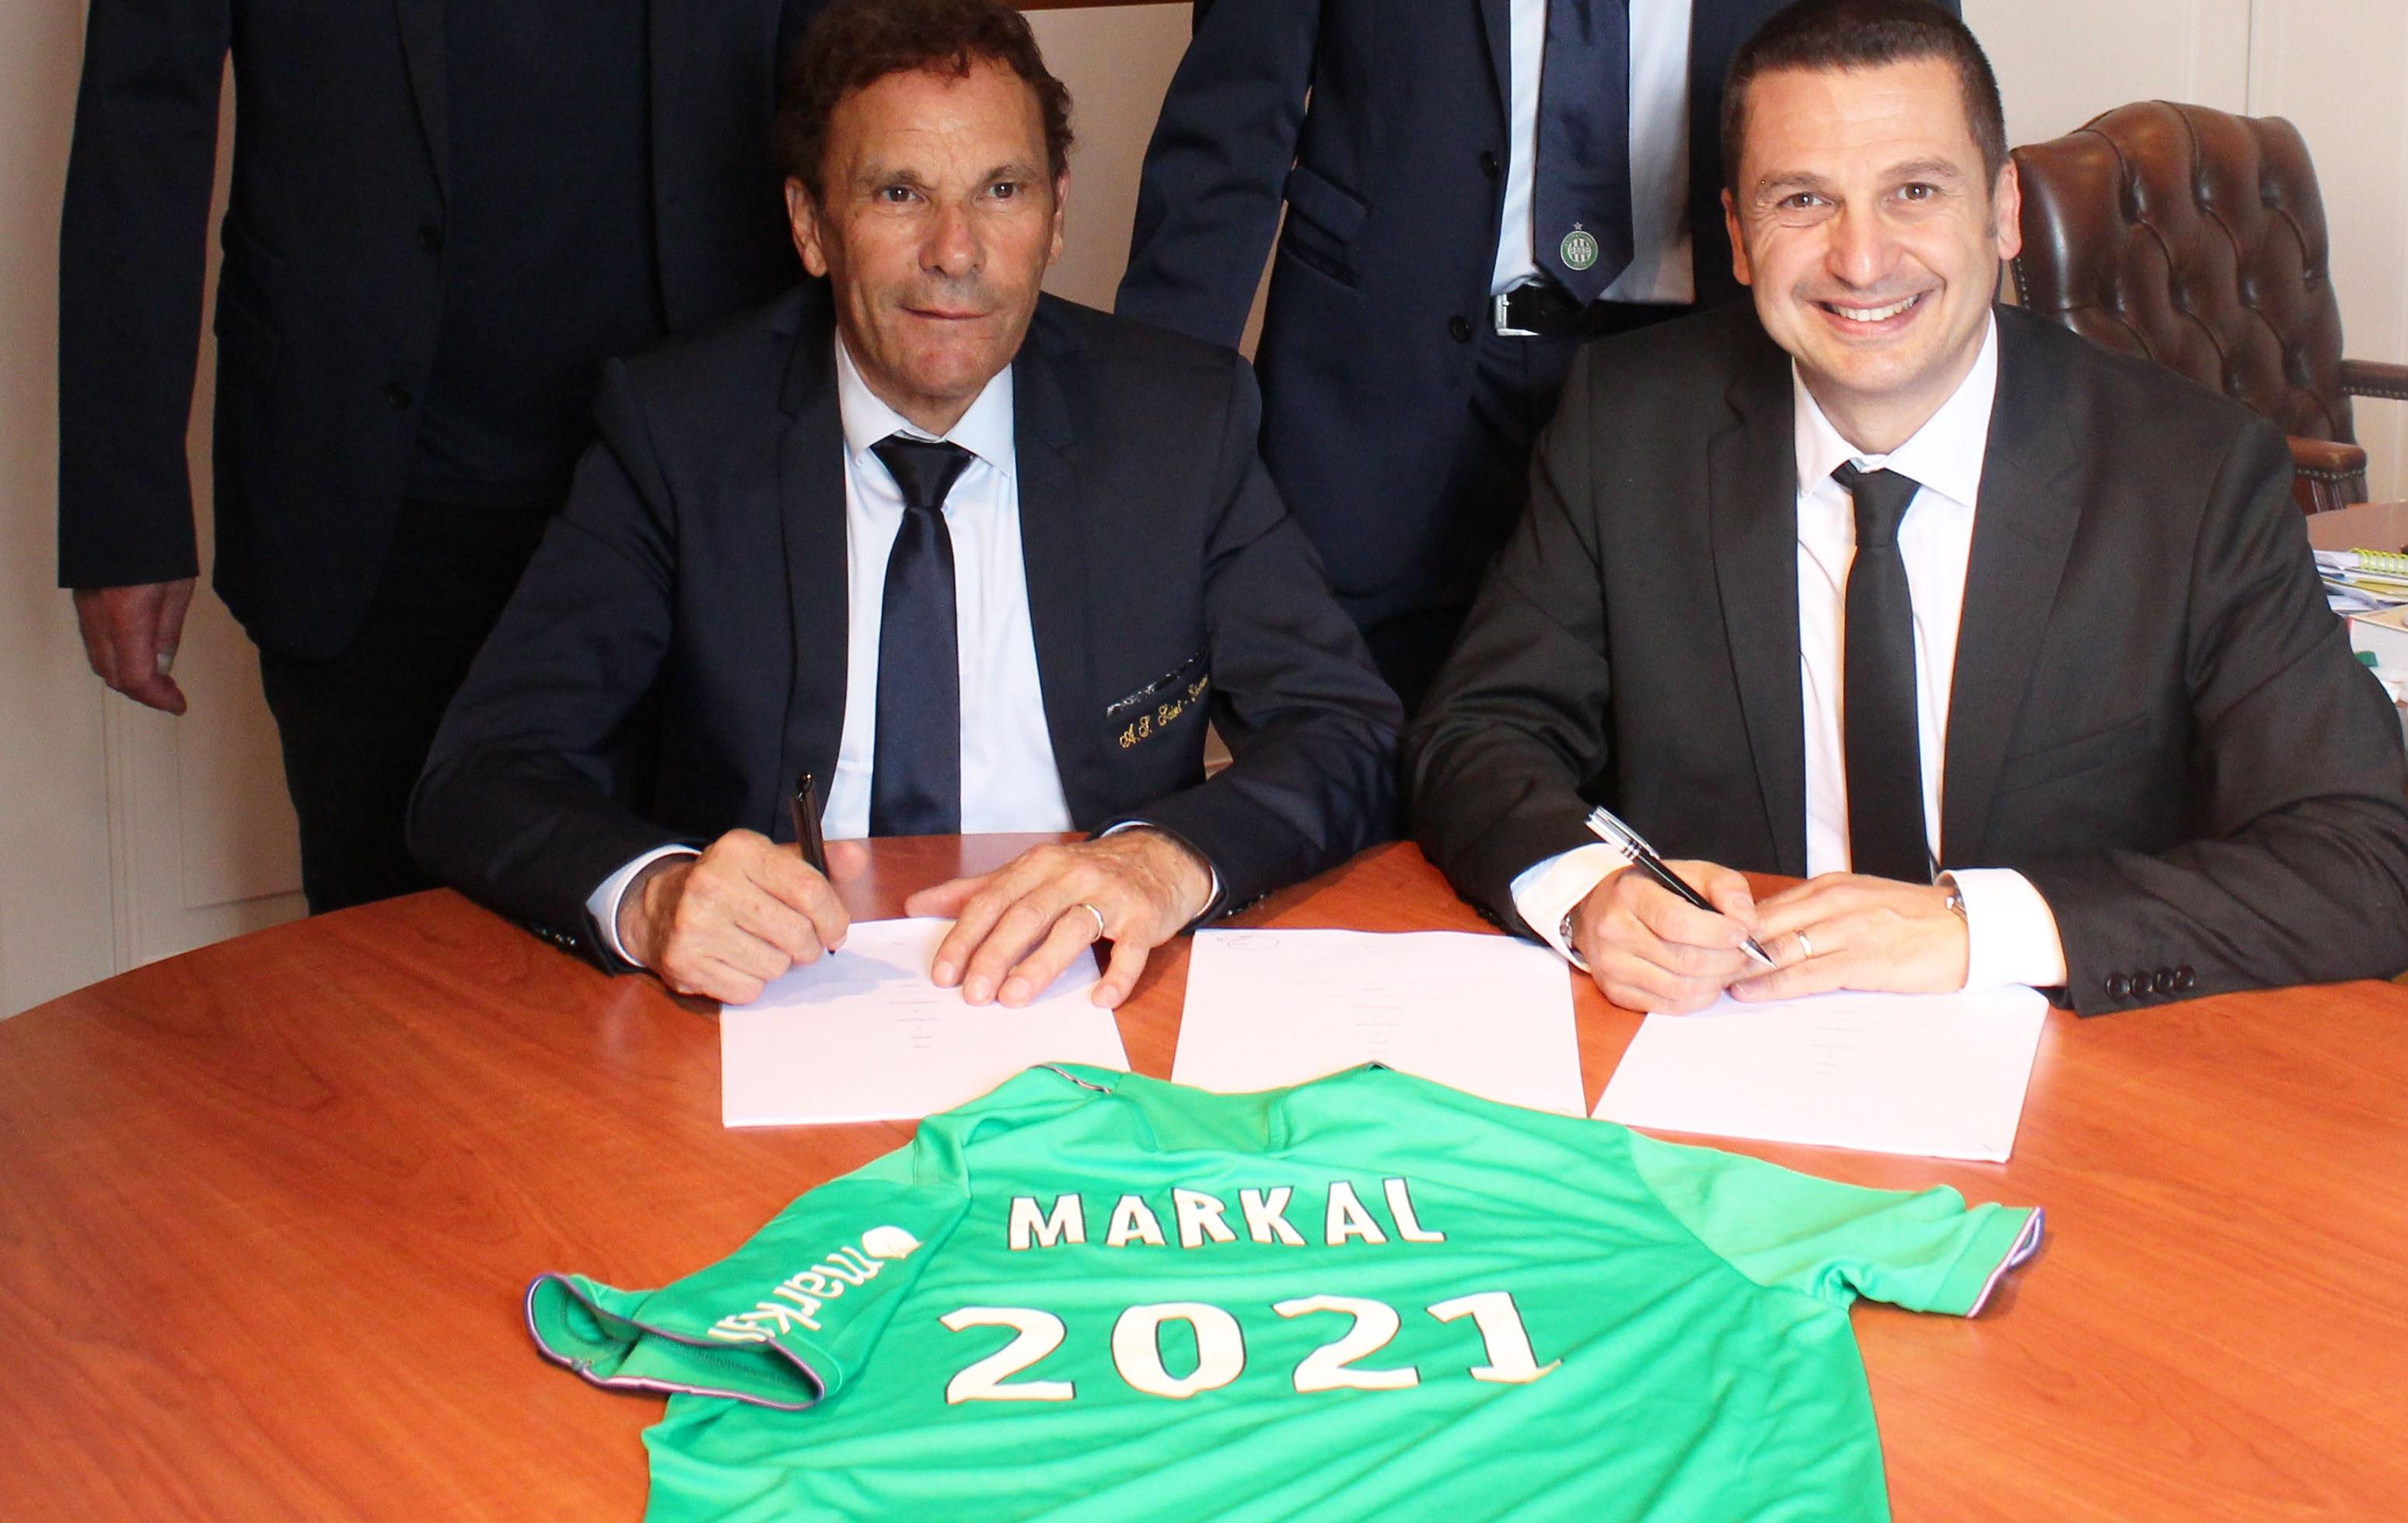 asse prolongation contrat sponsoring markal